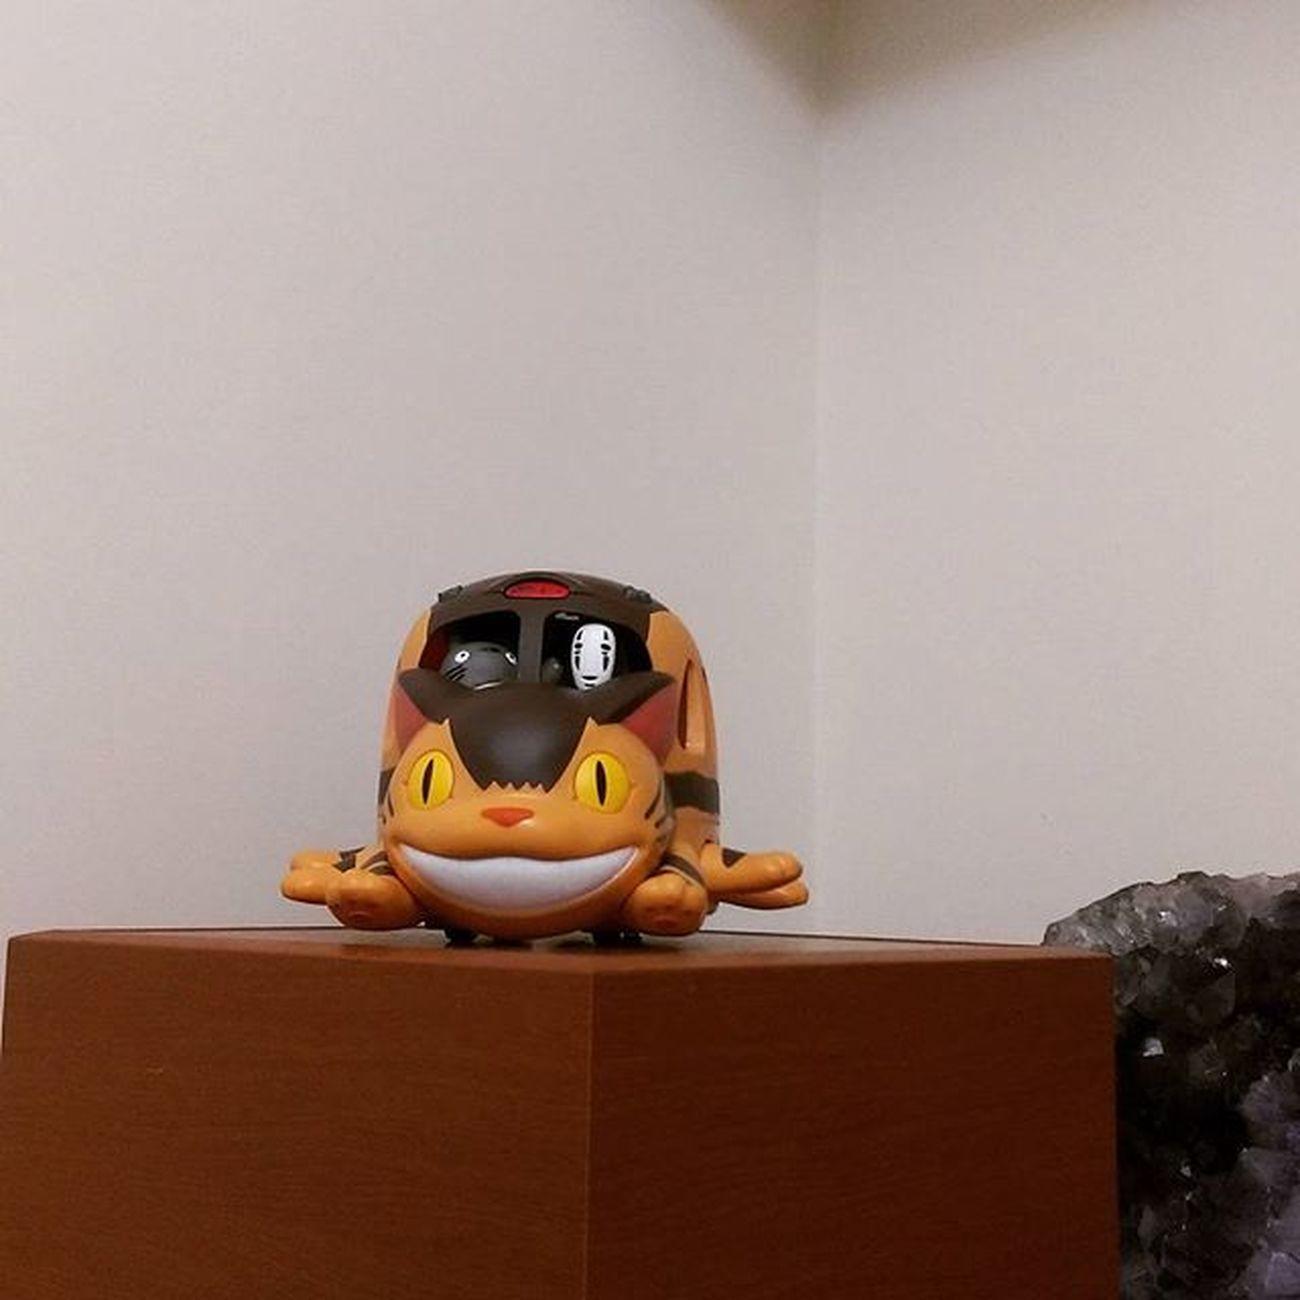 副駕駛錯棚 衝吧龍貓公車 龍貓 吉卜力 吉卜力工作室 橡子共和國信義店 橡子共和國